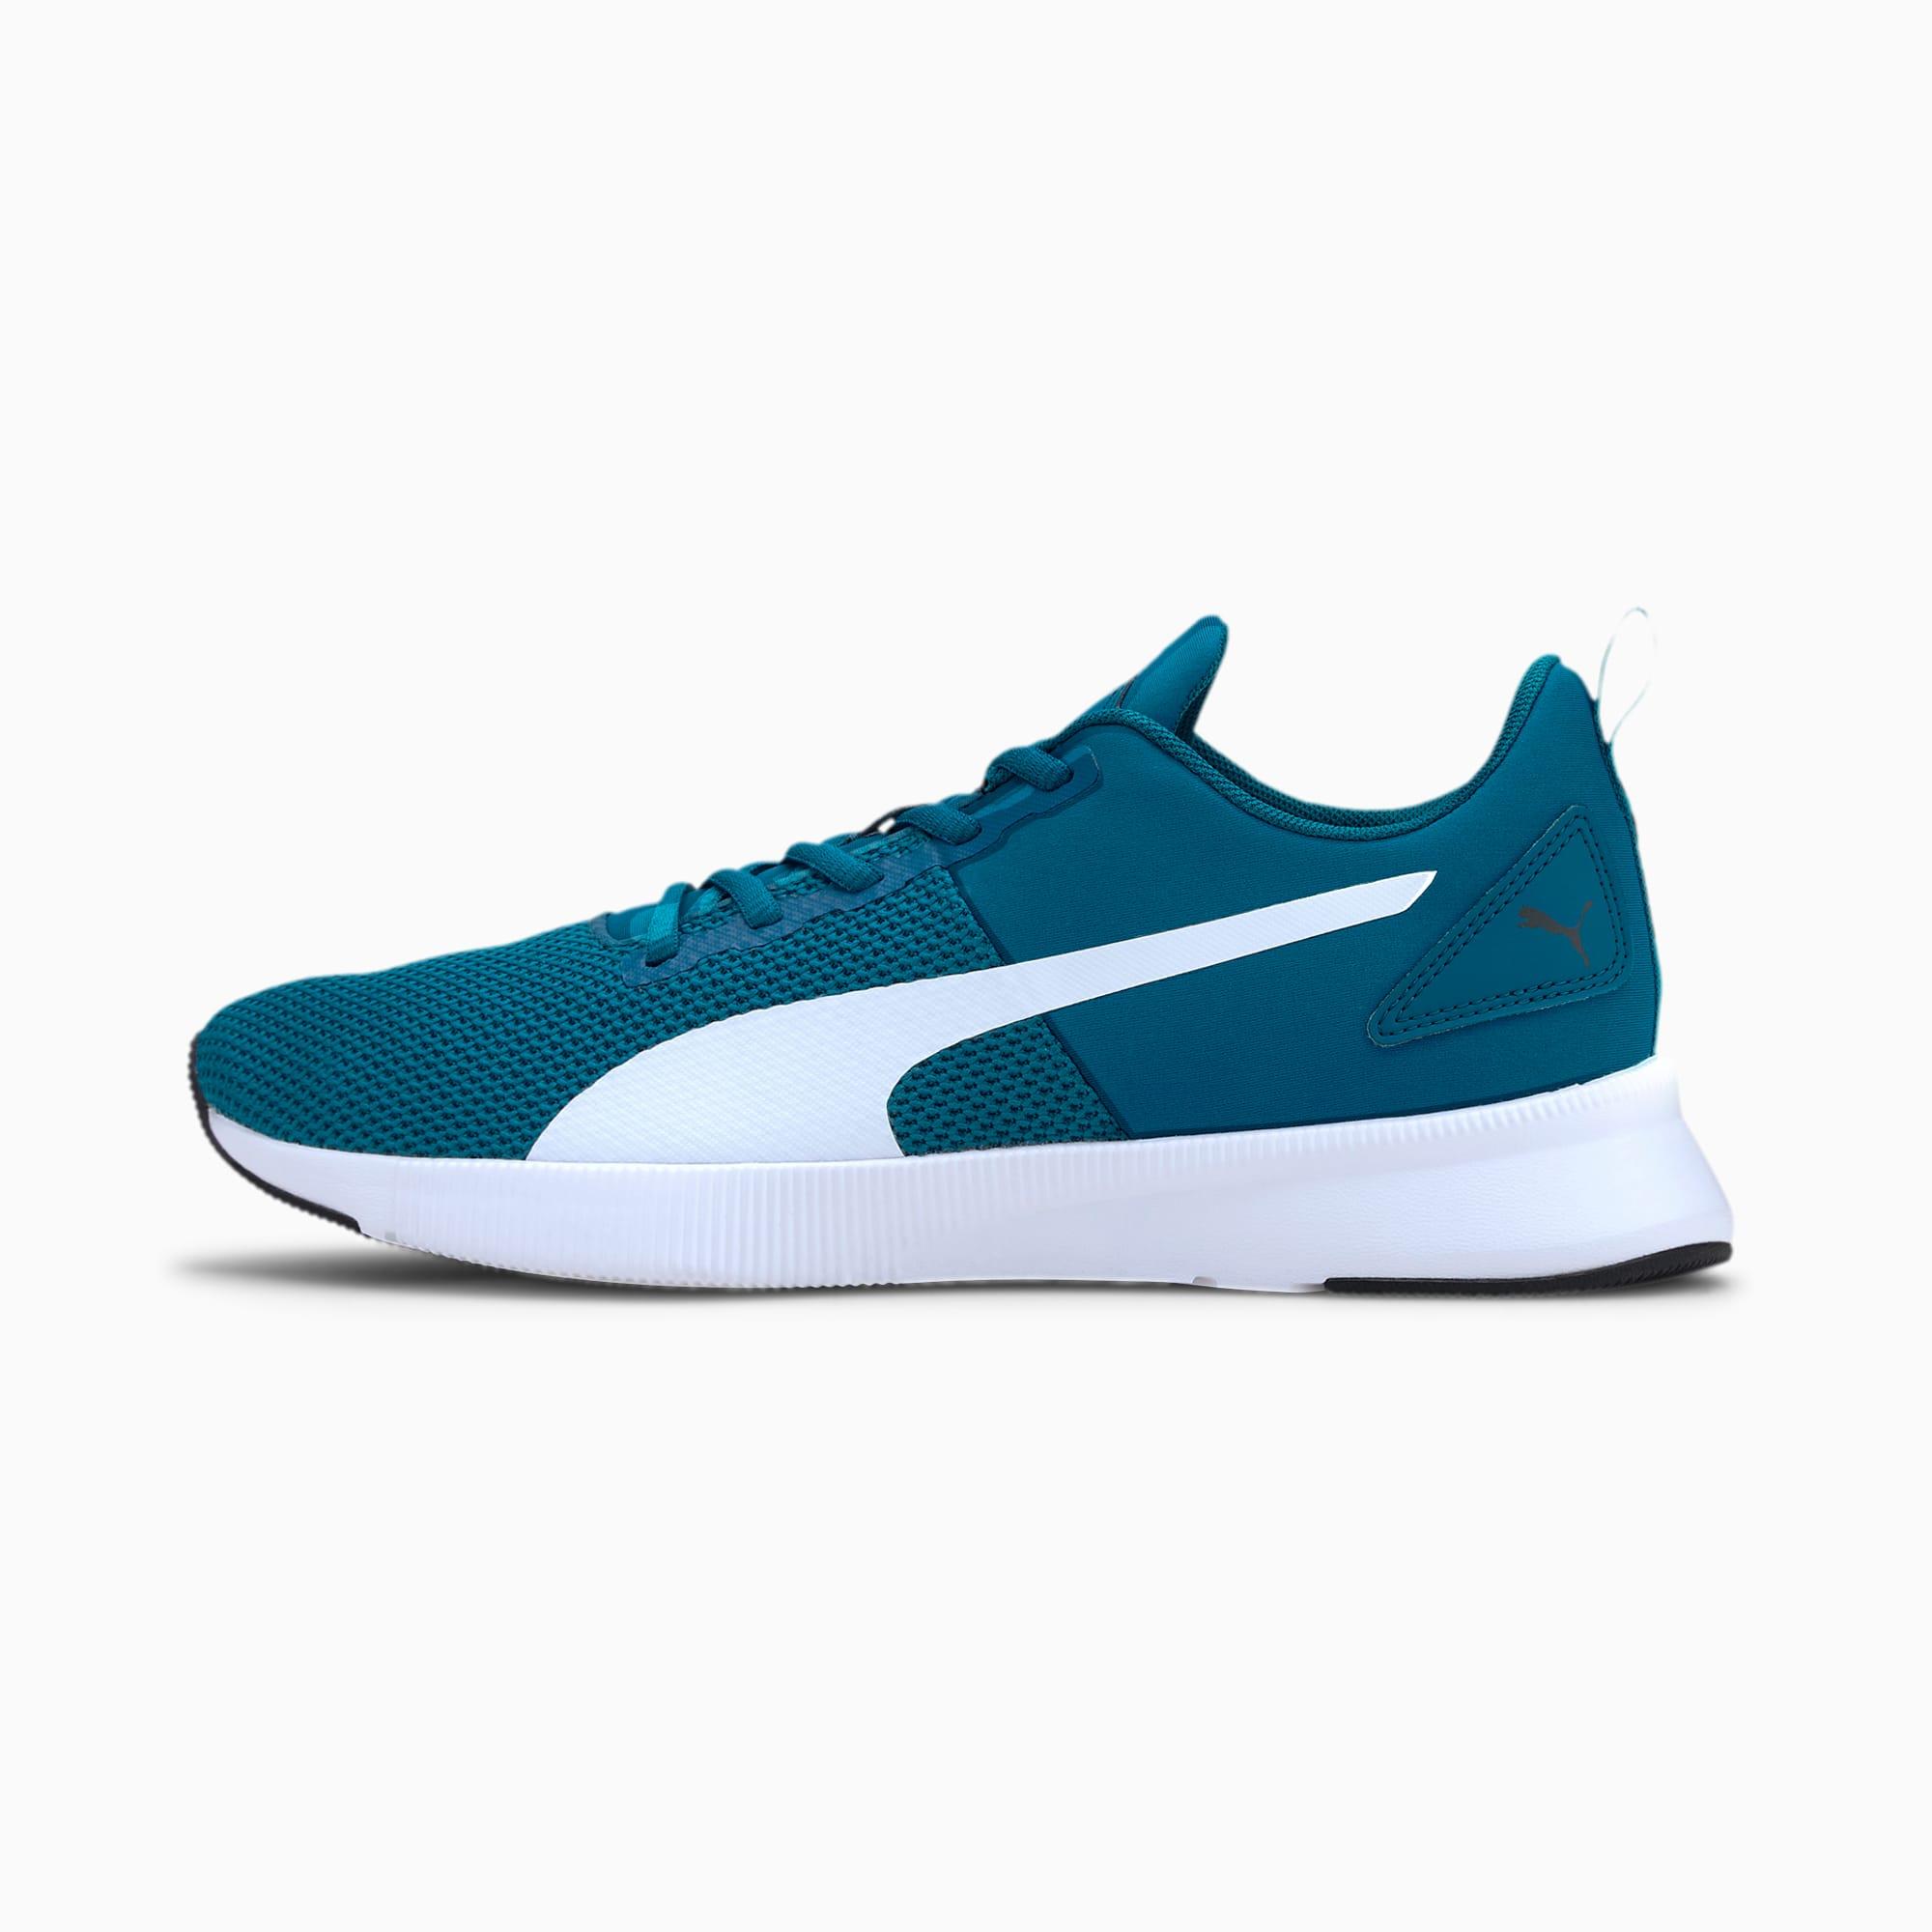 PUMA Chaussure de course Flyer Runner, Blanc/Bleu, Taille 47, Chaussures